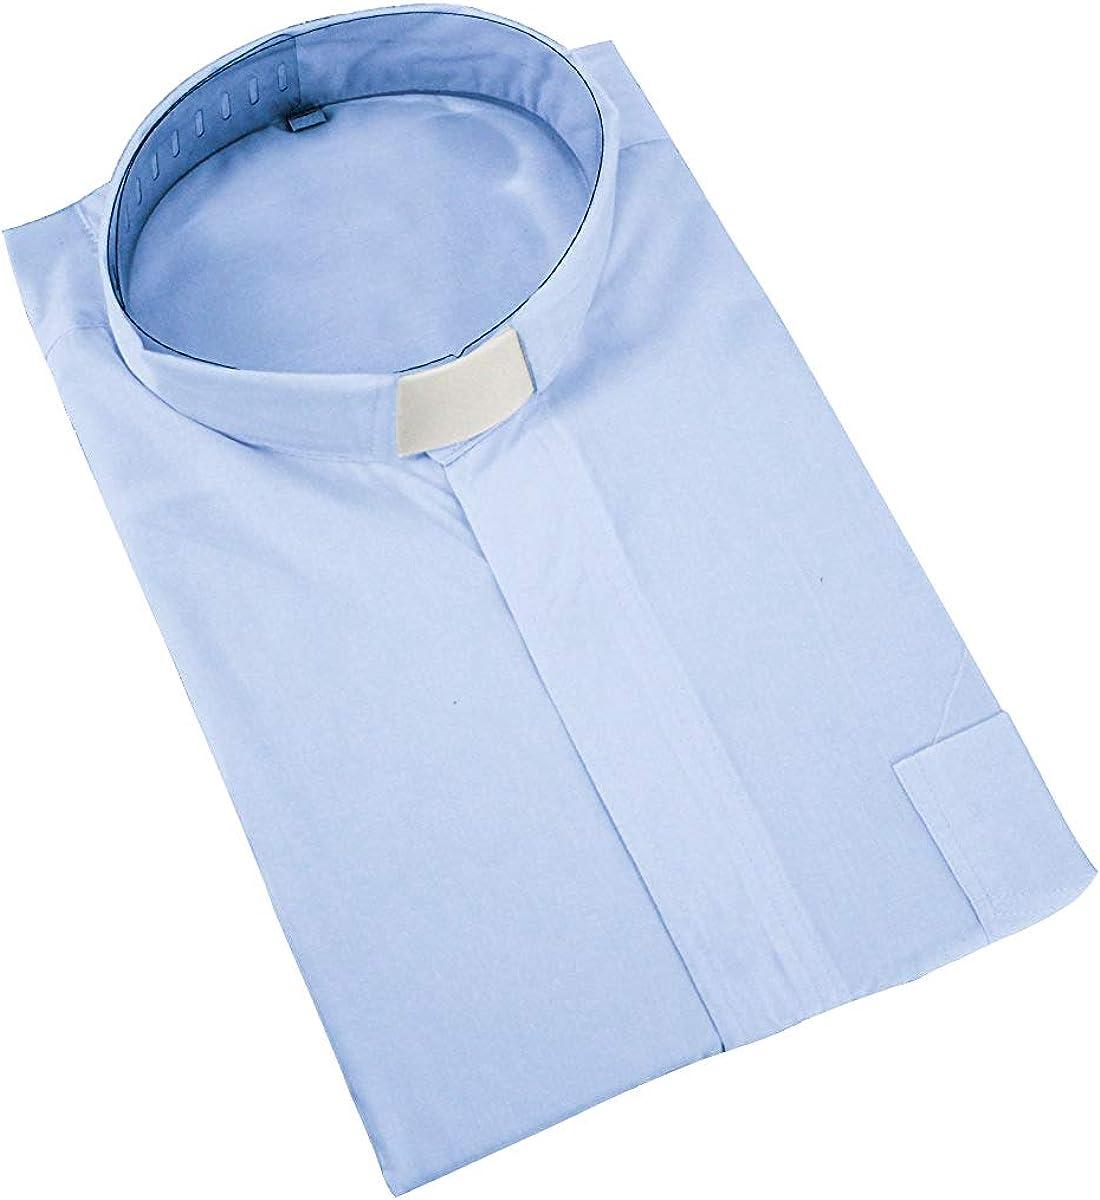 GraduatePro Camisa de Manga Larga Hombres Clero Sacerdote Color Sólido: Amazon.es: Ropa y accesorios